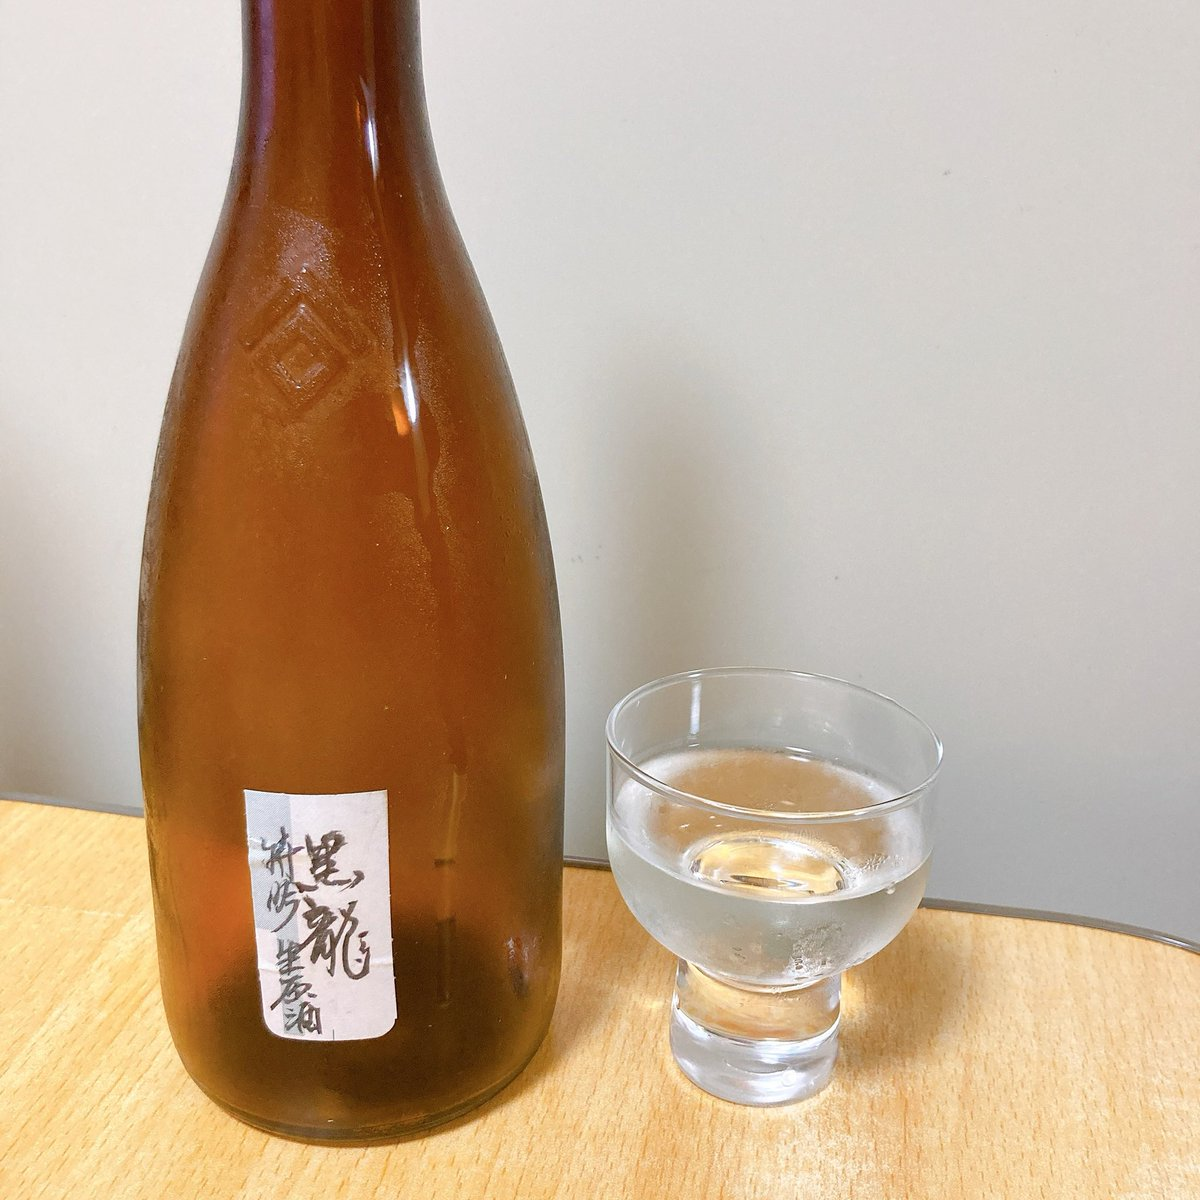 test ツイッターメディア - ここ3日間で呑んだ日本酒。運搬の際に一回常温にしてしまったので、味が落ちてるが、それでも美味い。手書きラベルの黒龍、いったいどこで手に入るんだ。 https://t.co/ieBJCn6dk0